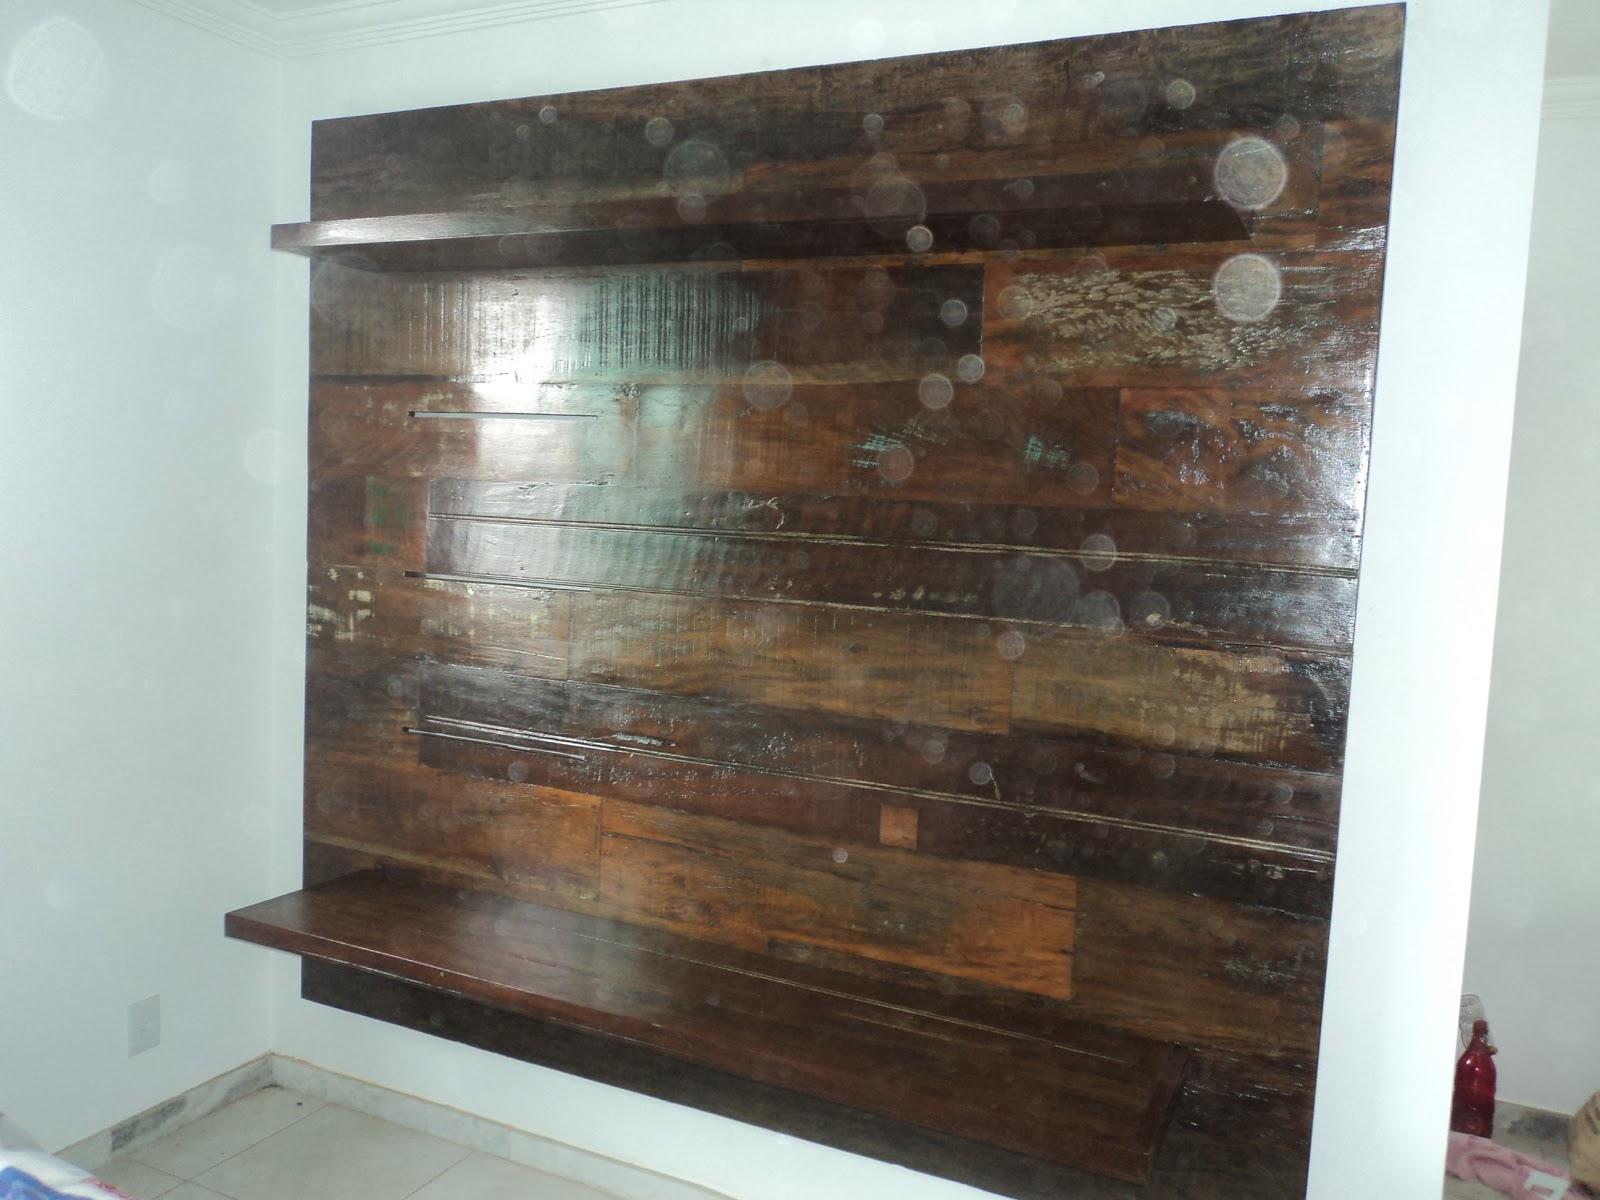 Aparador Wengue Conforama ~ Móveis em madeira de demoliç u00e3o, artesanato mineiro, pinturas artisticas e sacras e antiguidades